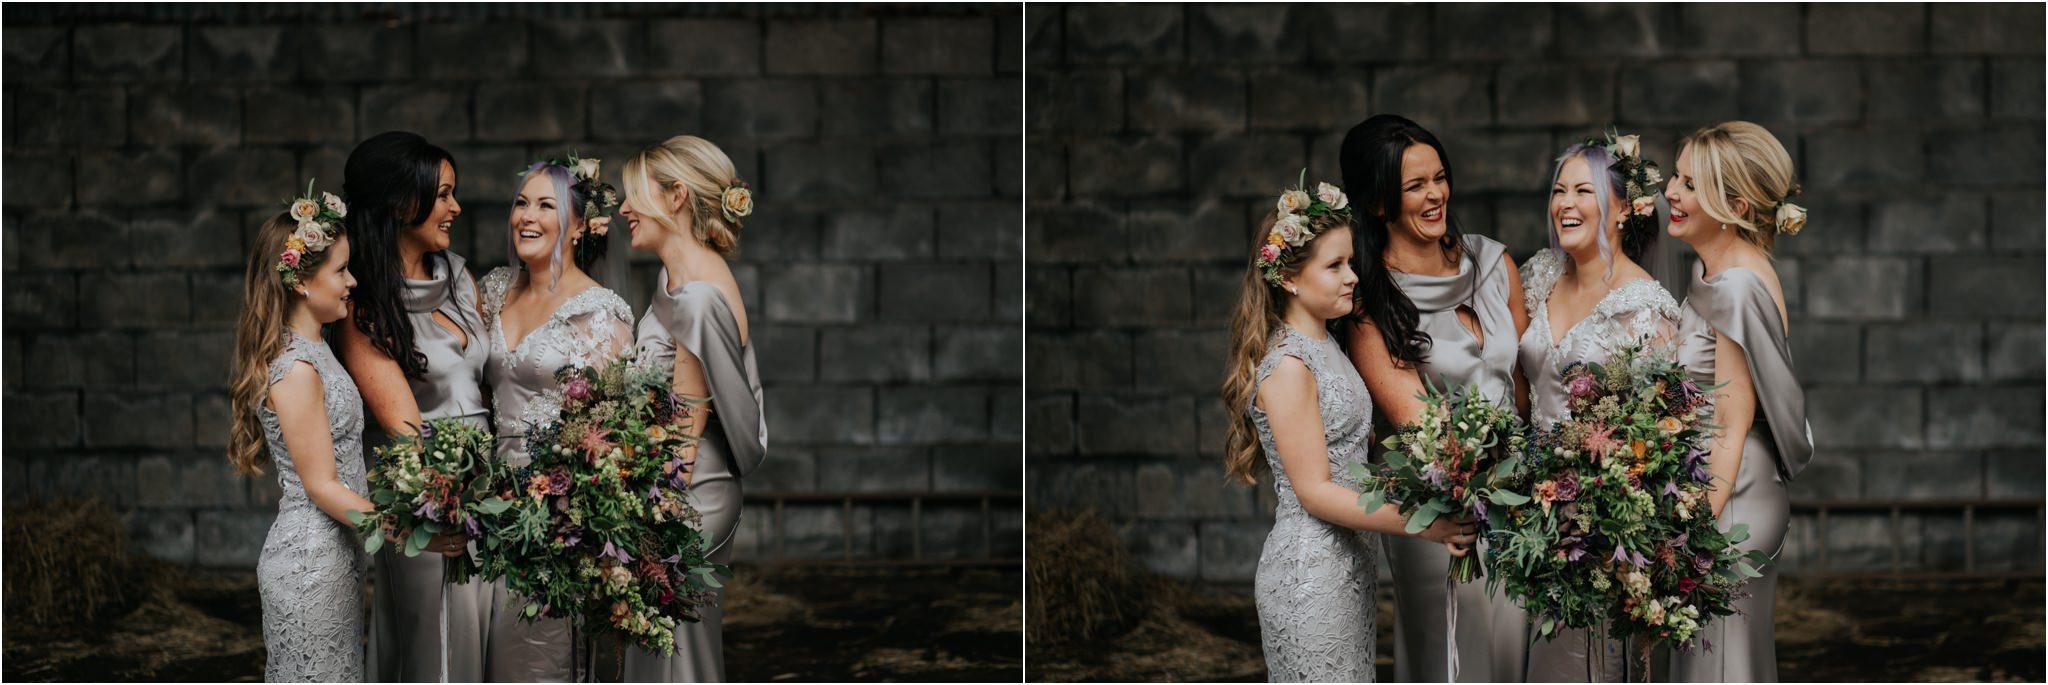 Photography 78 - Glasgow Wedding Photographer - Pete & Eilidh - Dalduff Farm_0062.jpg